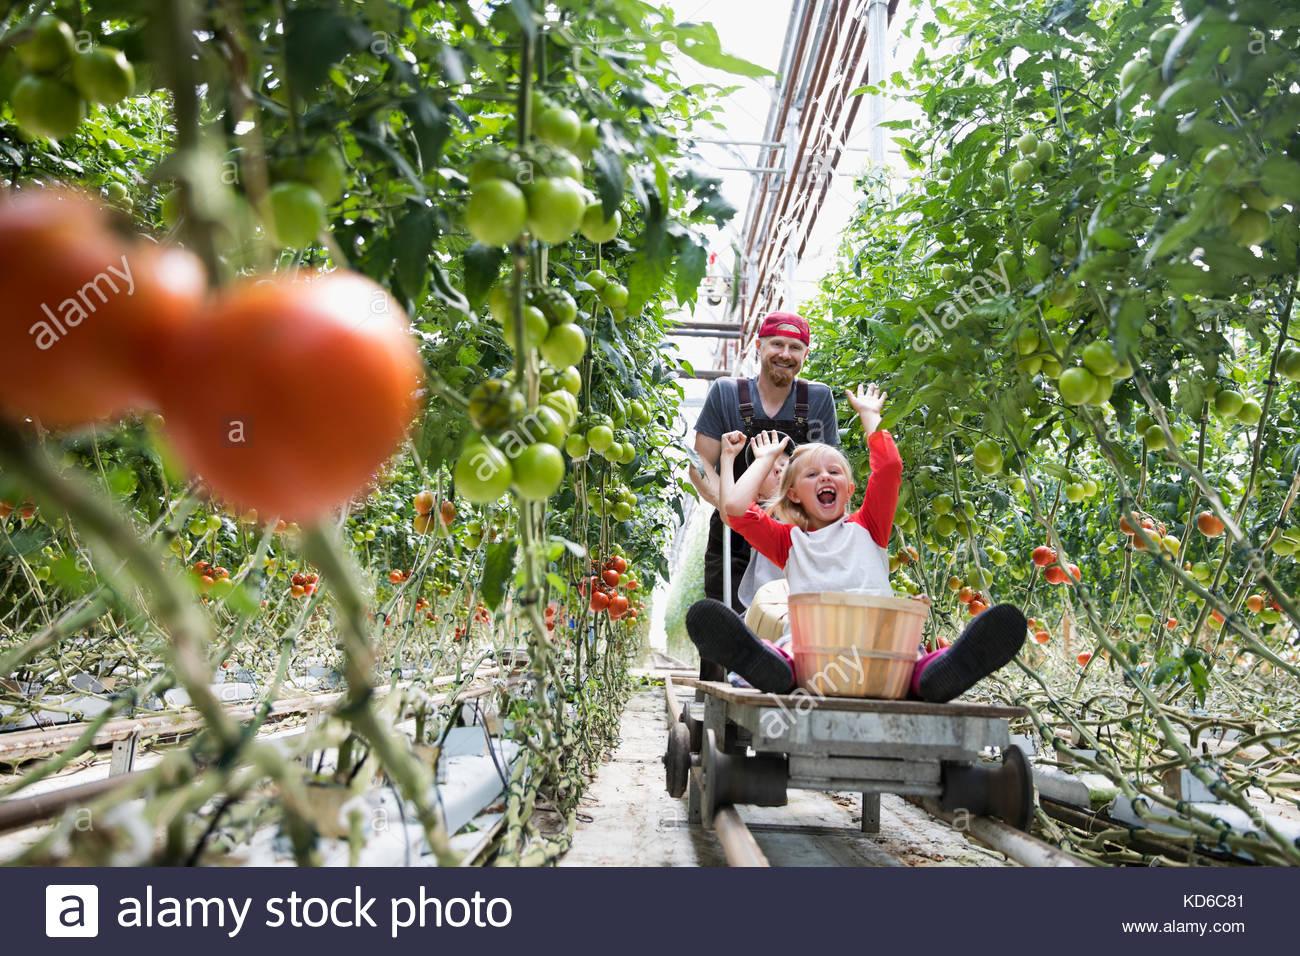 Vater schieben Verspielte Kinder auf Warenkorb zwischen wachsenden Tomaten Pflanzen im Gewächshaus Stockbild